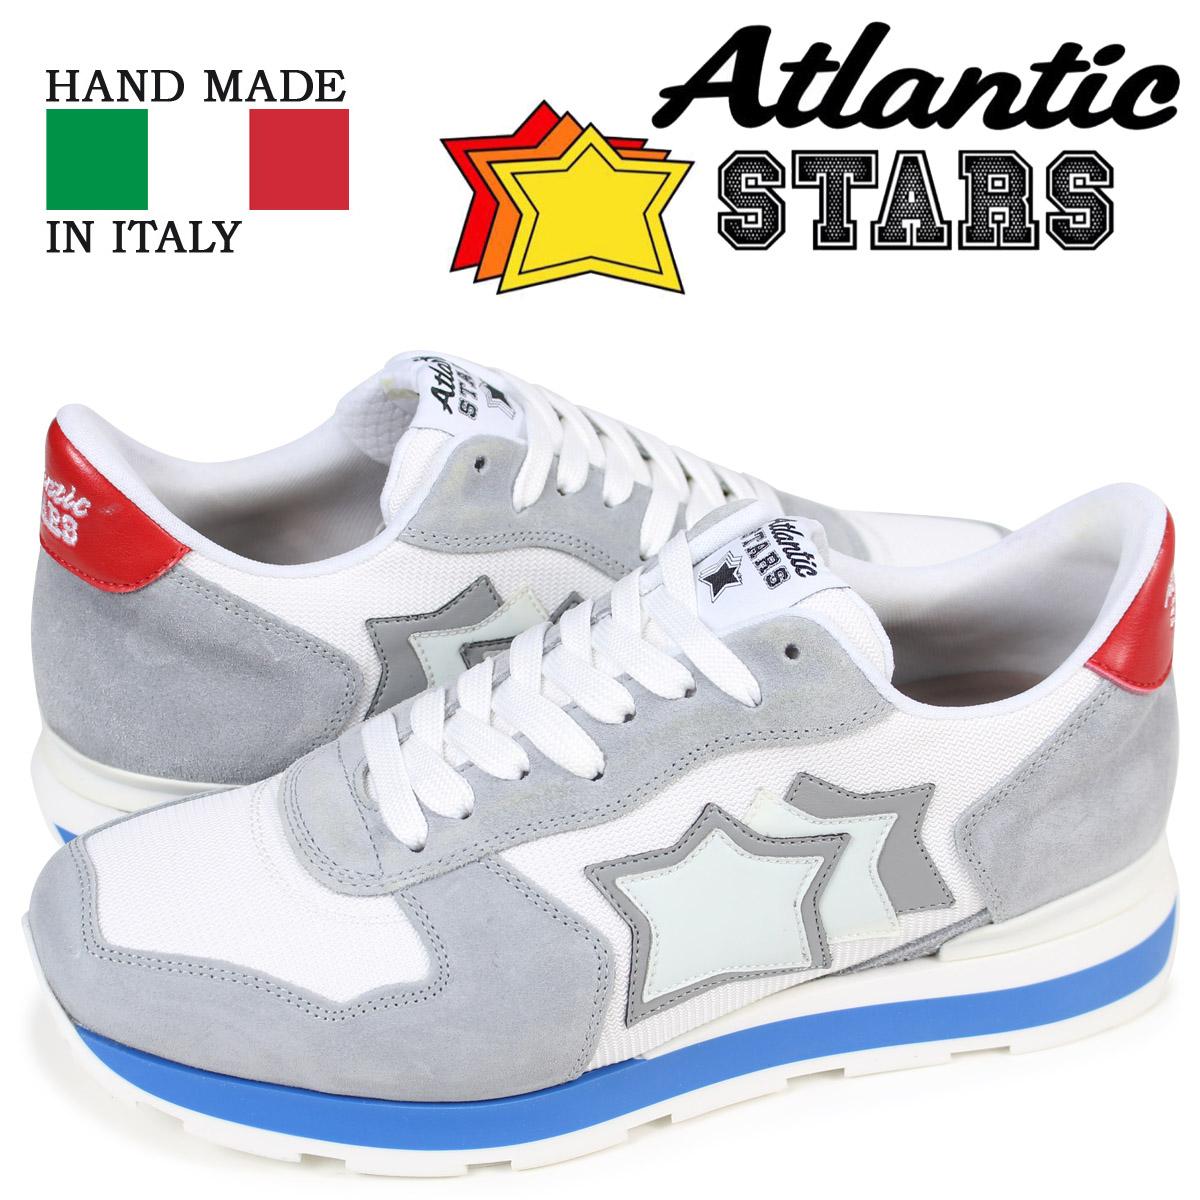 【最大2000円OFFクーポン】 アトランティックスターズ メンズ スニーカー Atlantic STARS アンタレス ANTARES BAB-34B ライトグレー [4/3 再入荷]